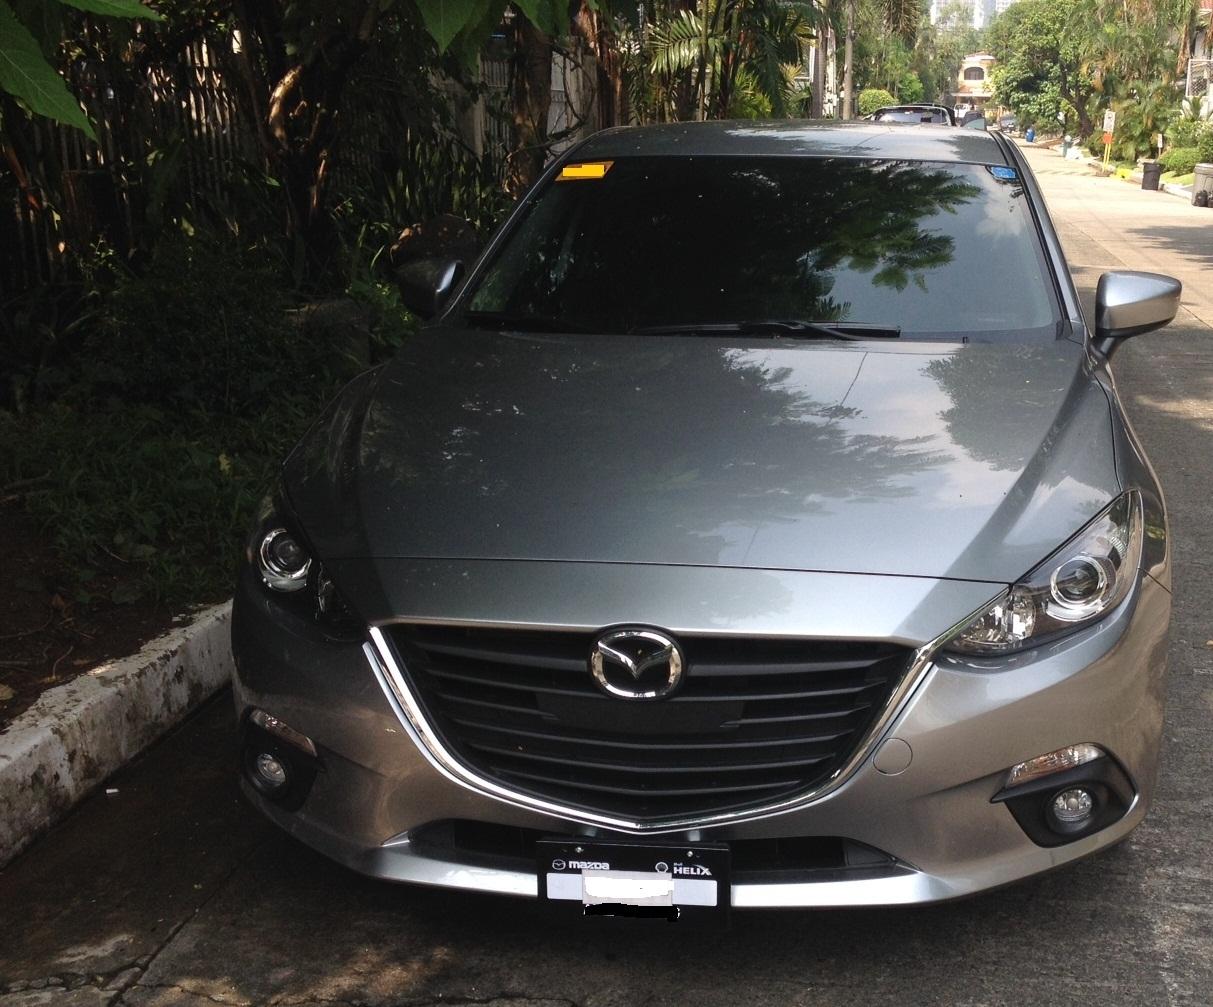 DIY Plate Relocation for Mazda 3 2014 Sedan - 2004 to 2016 Mazda 3 ...